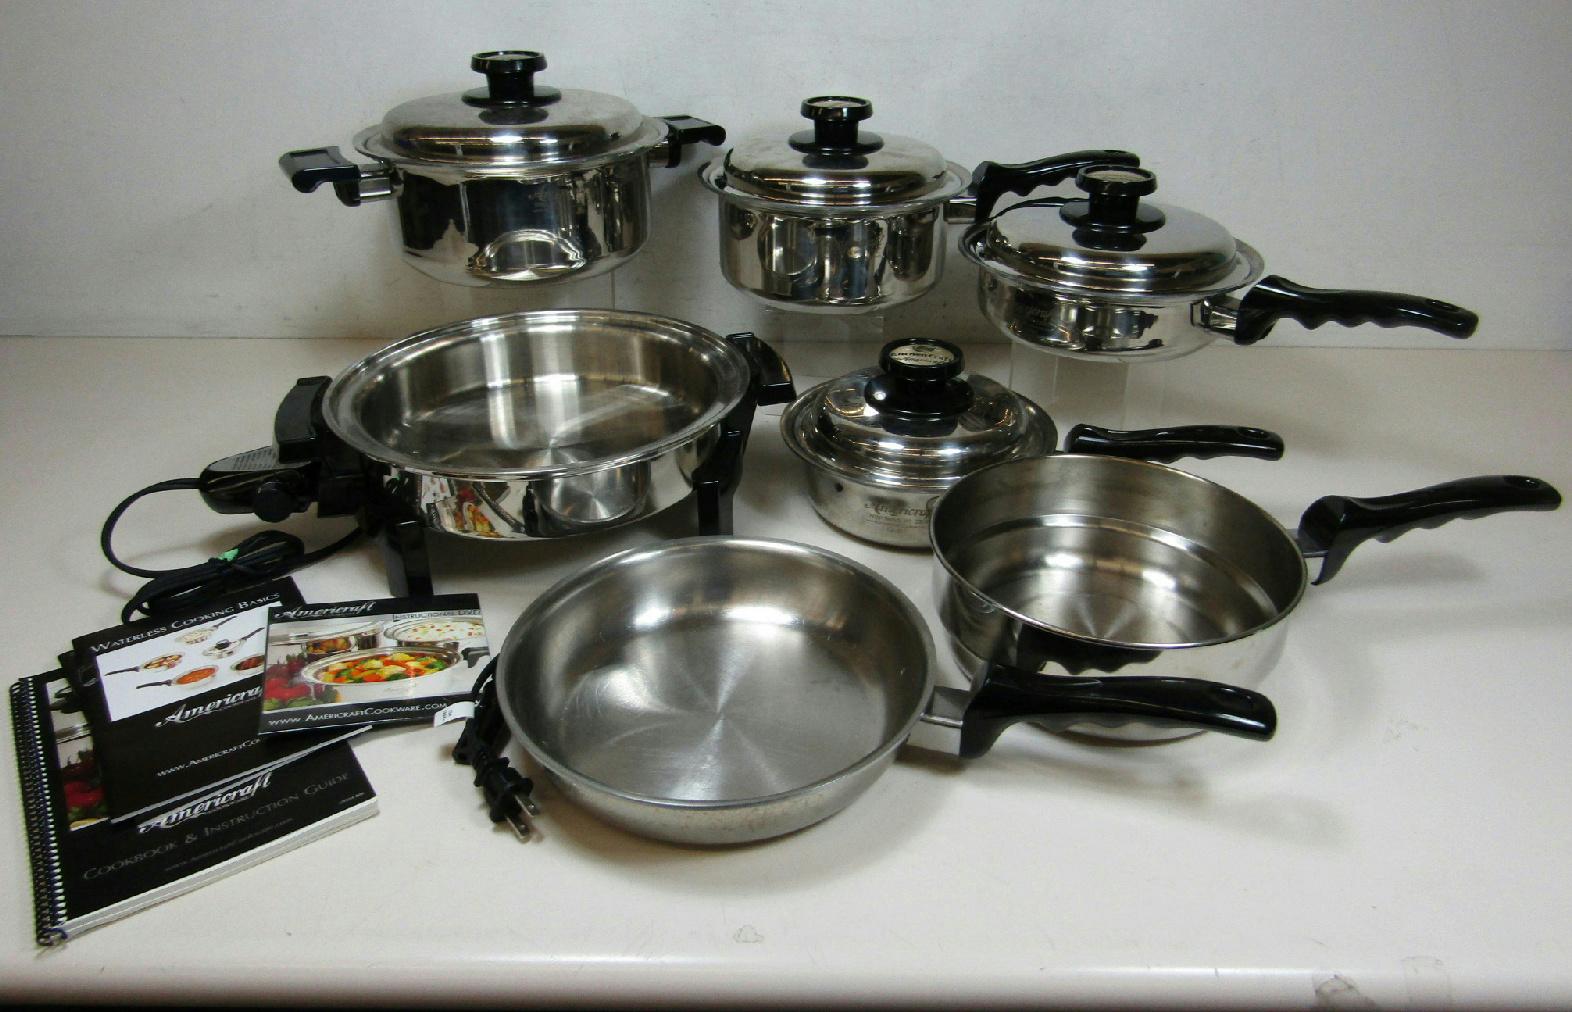 Kitchen craft americraft waterless 11 pc cookware set 1 for Kitchen craft cookware prices